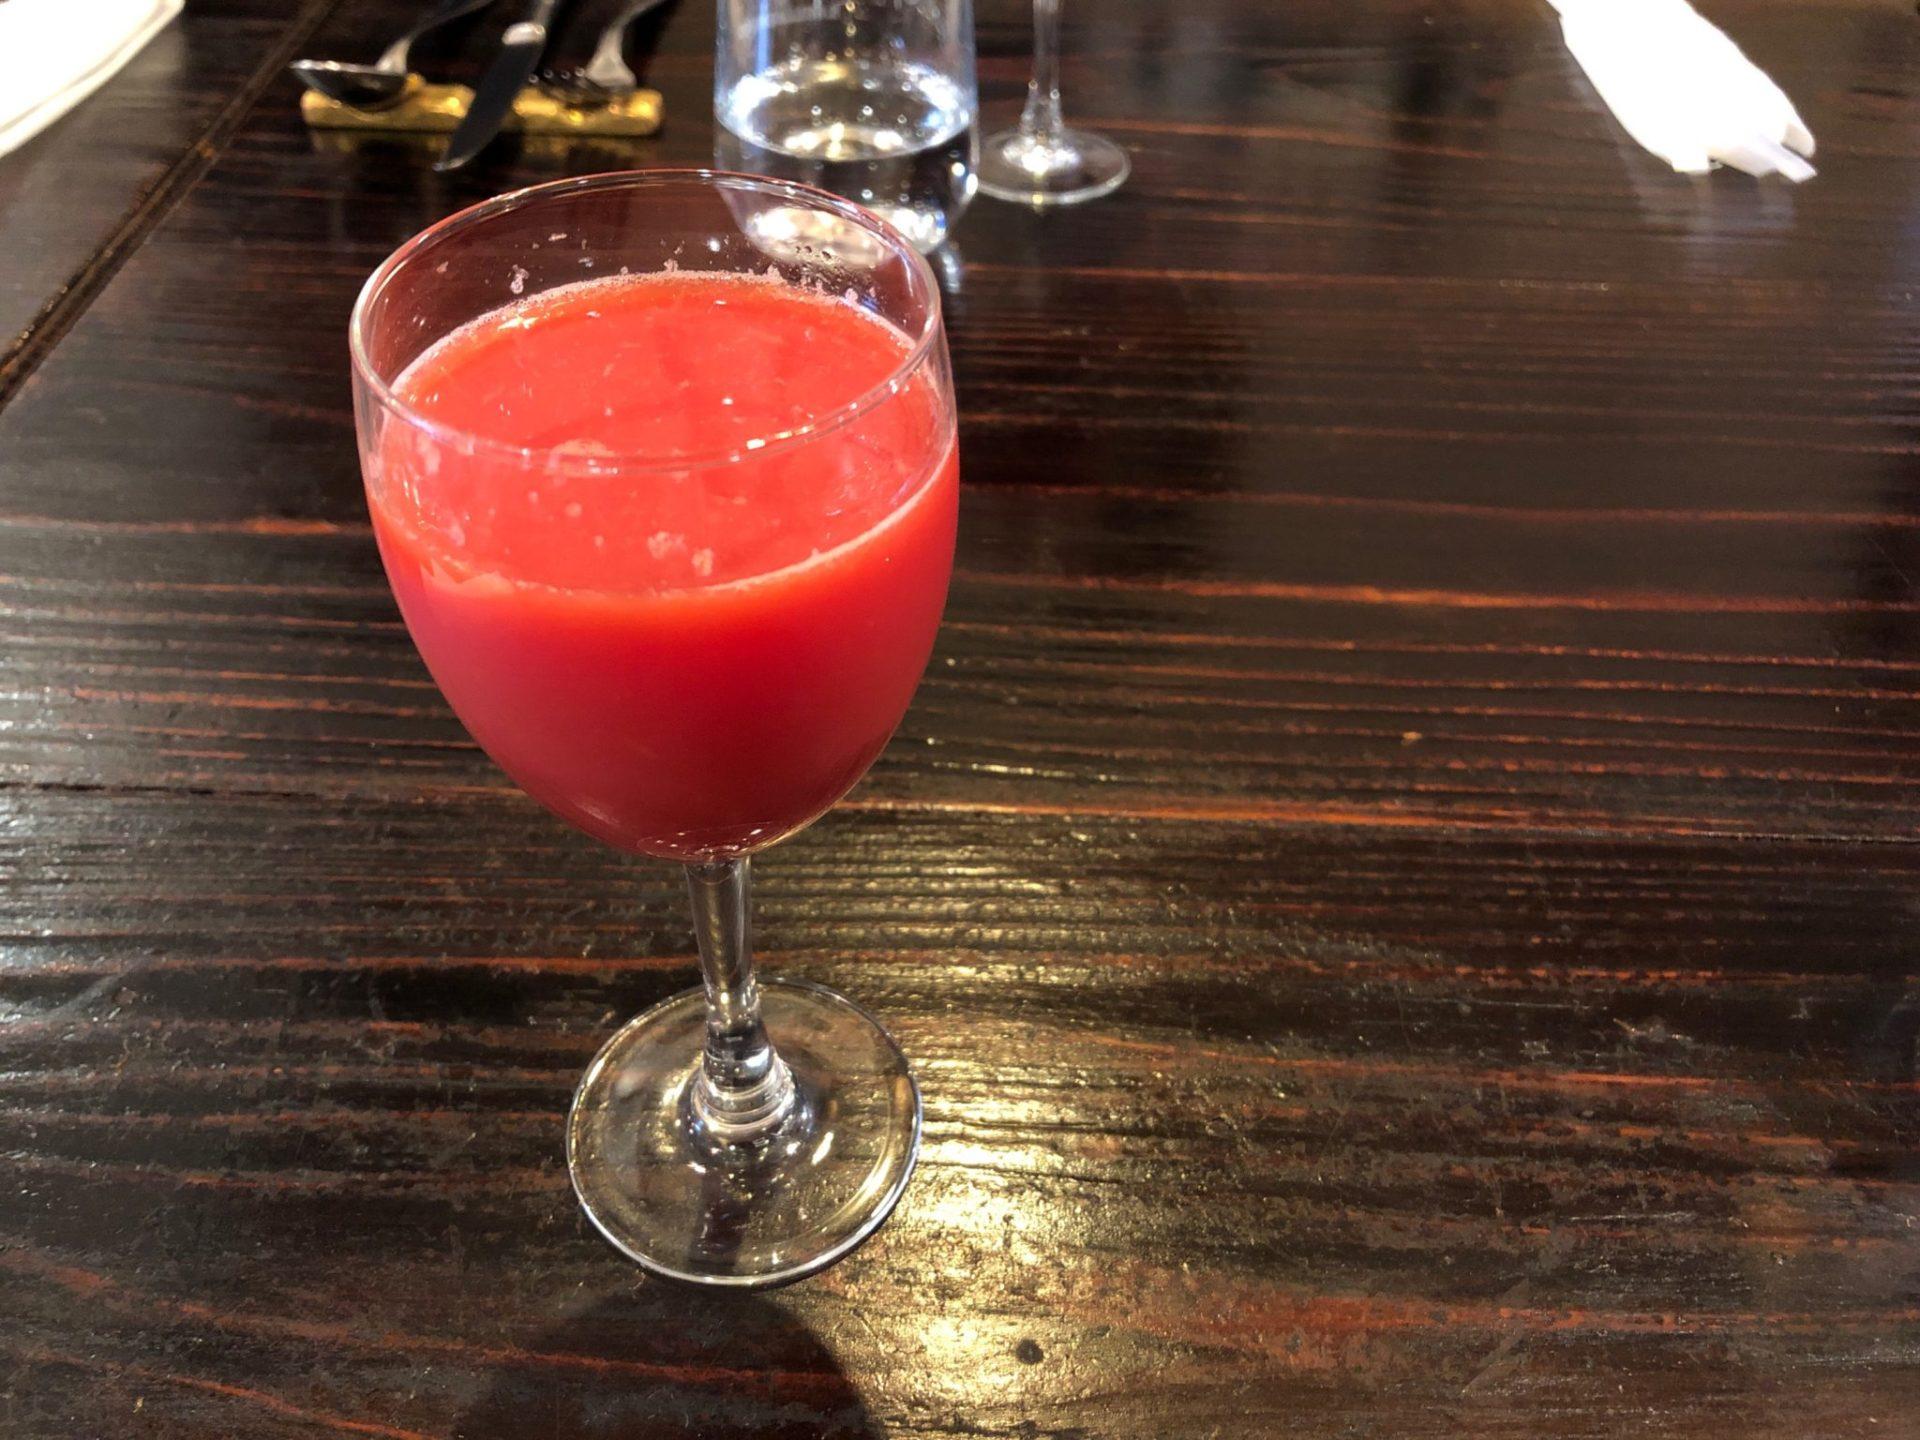 ズッペリア オステリア ピティリアーノ 祖師谷のブラッドオレンジジュース